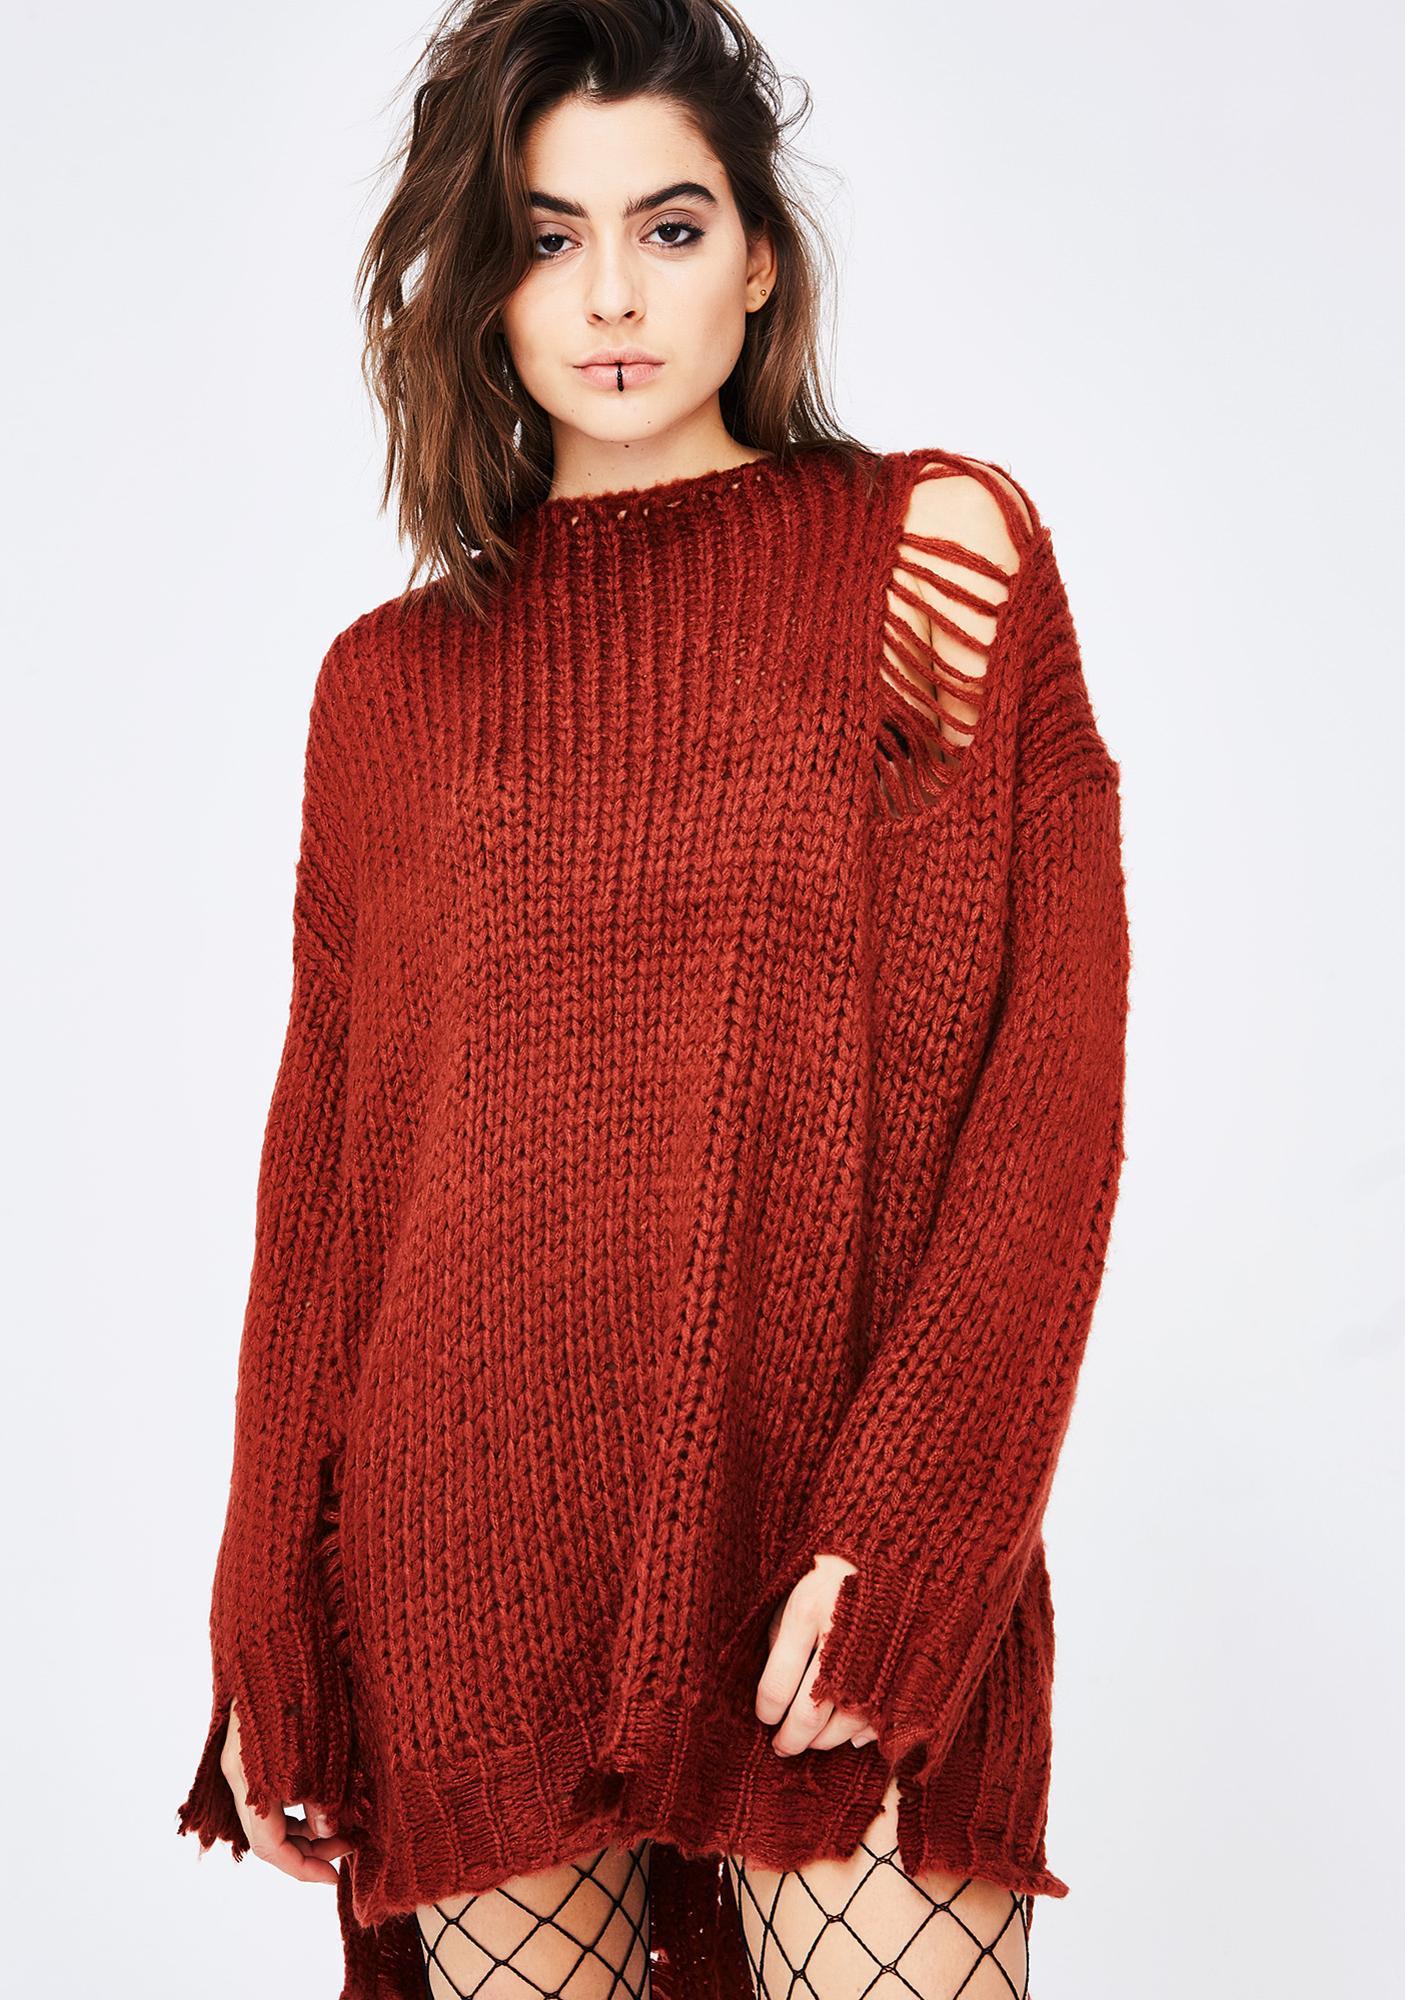 Distressed Lace Up Sweater Dress | Dolls Kill